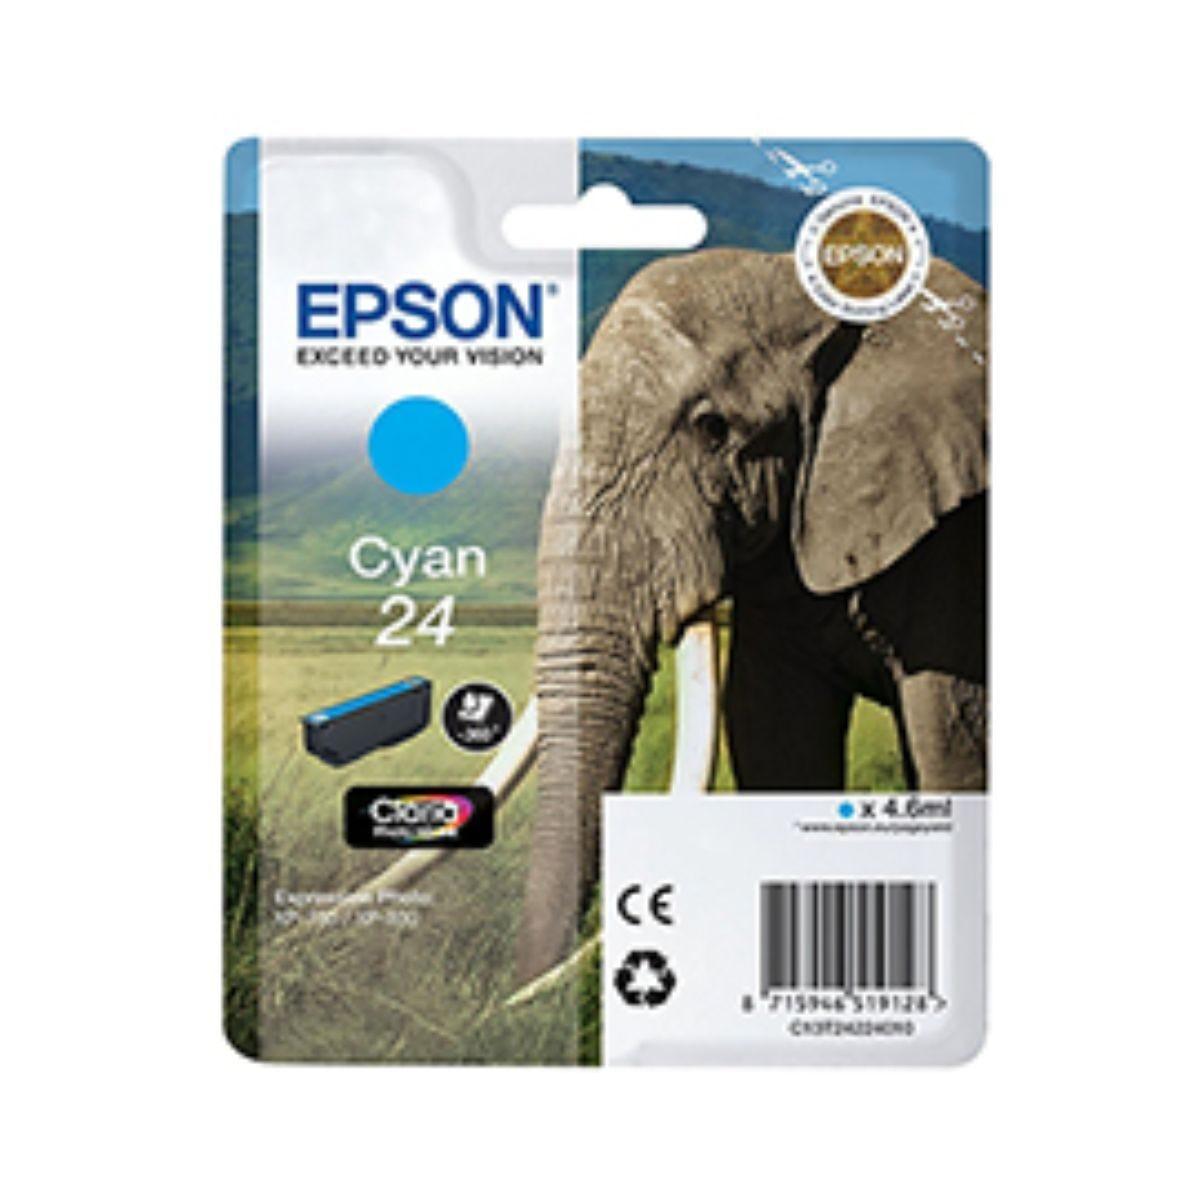 Epson T2422 24 Ink Cartridge Cyan